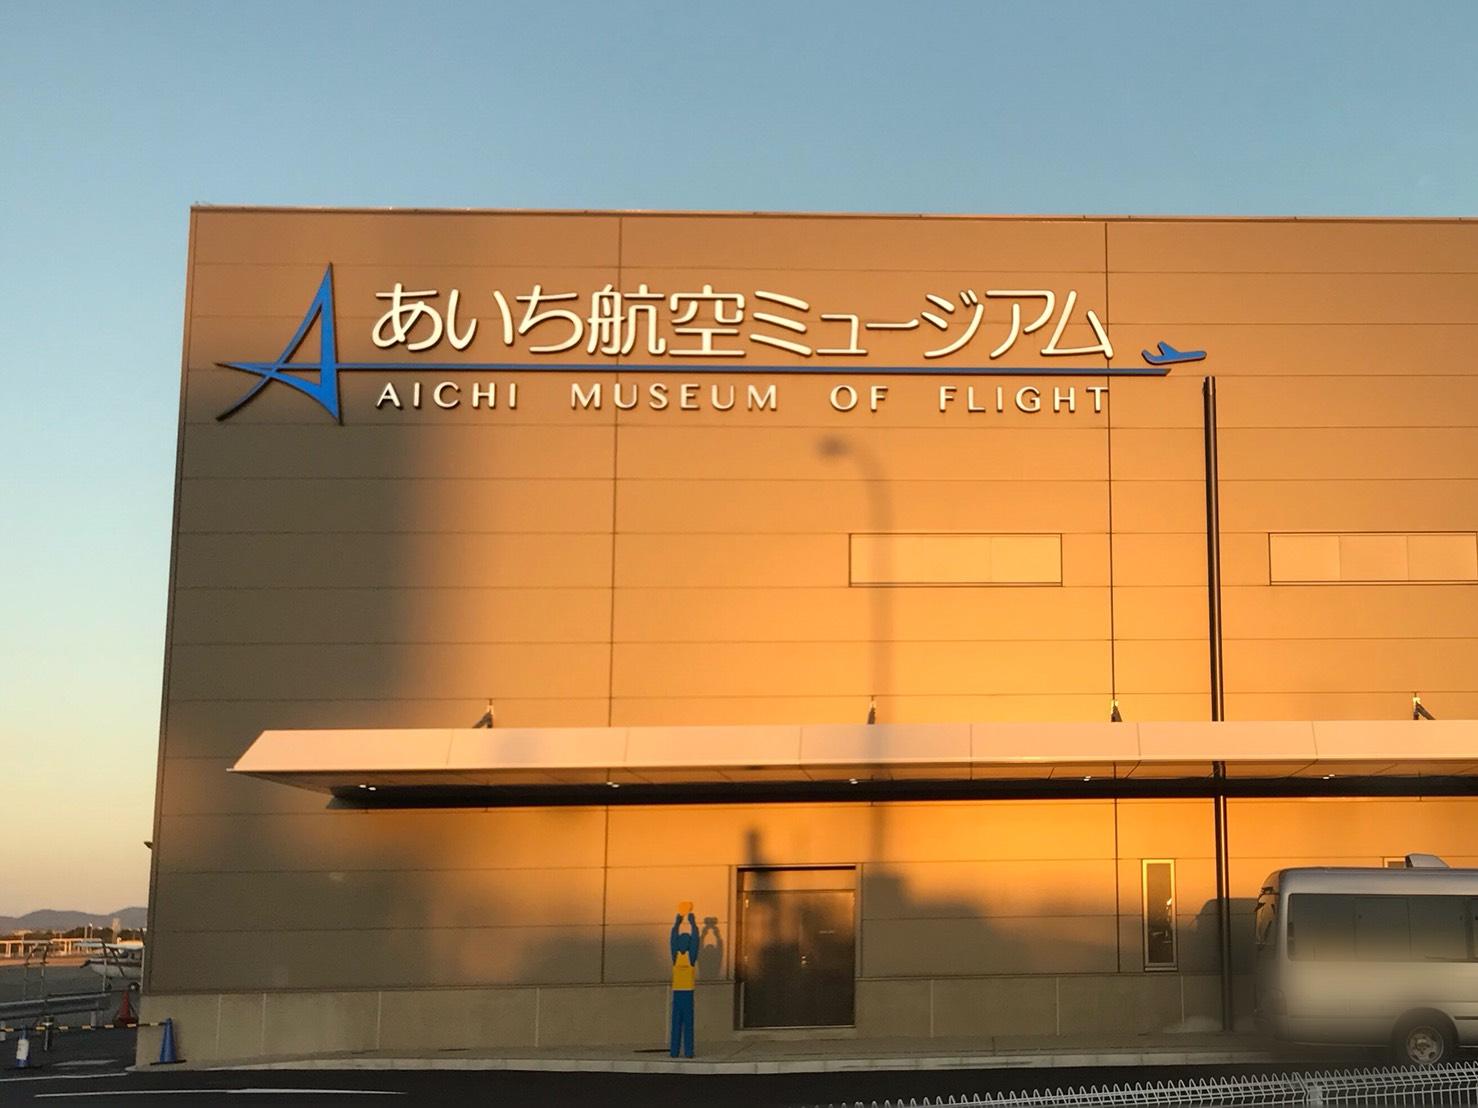 あいち航空ミュージアムのカフェは?食事は?レストランおすすめ3選もご紹介!